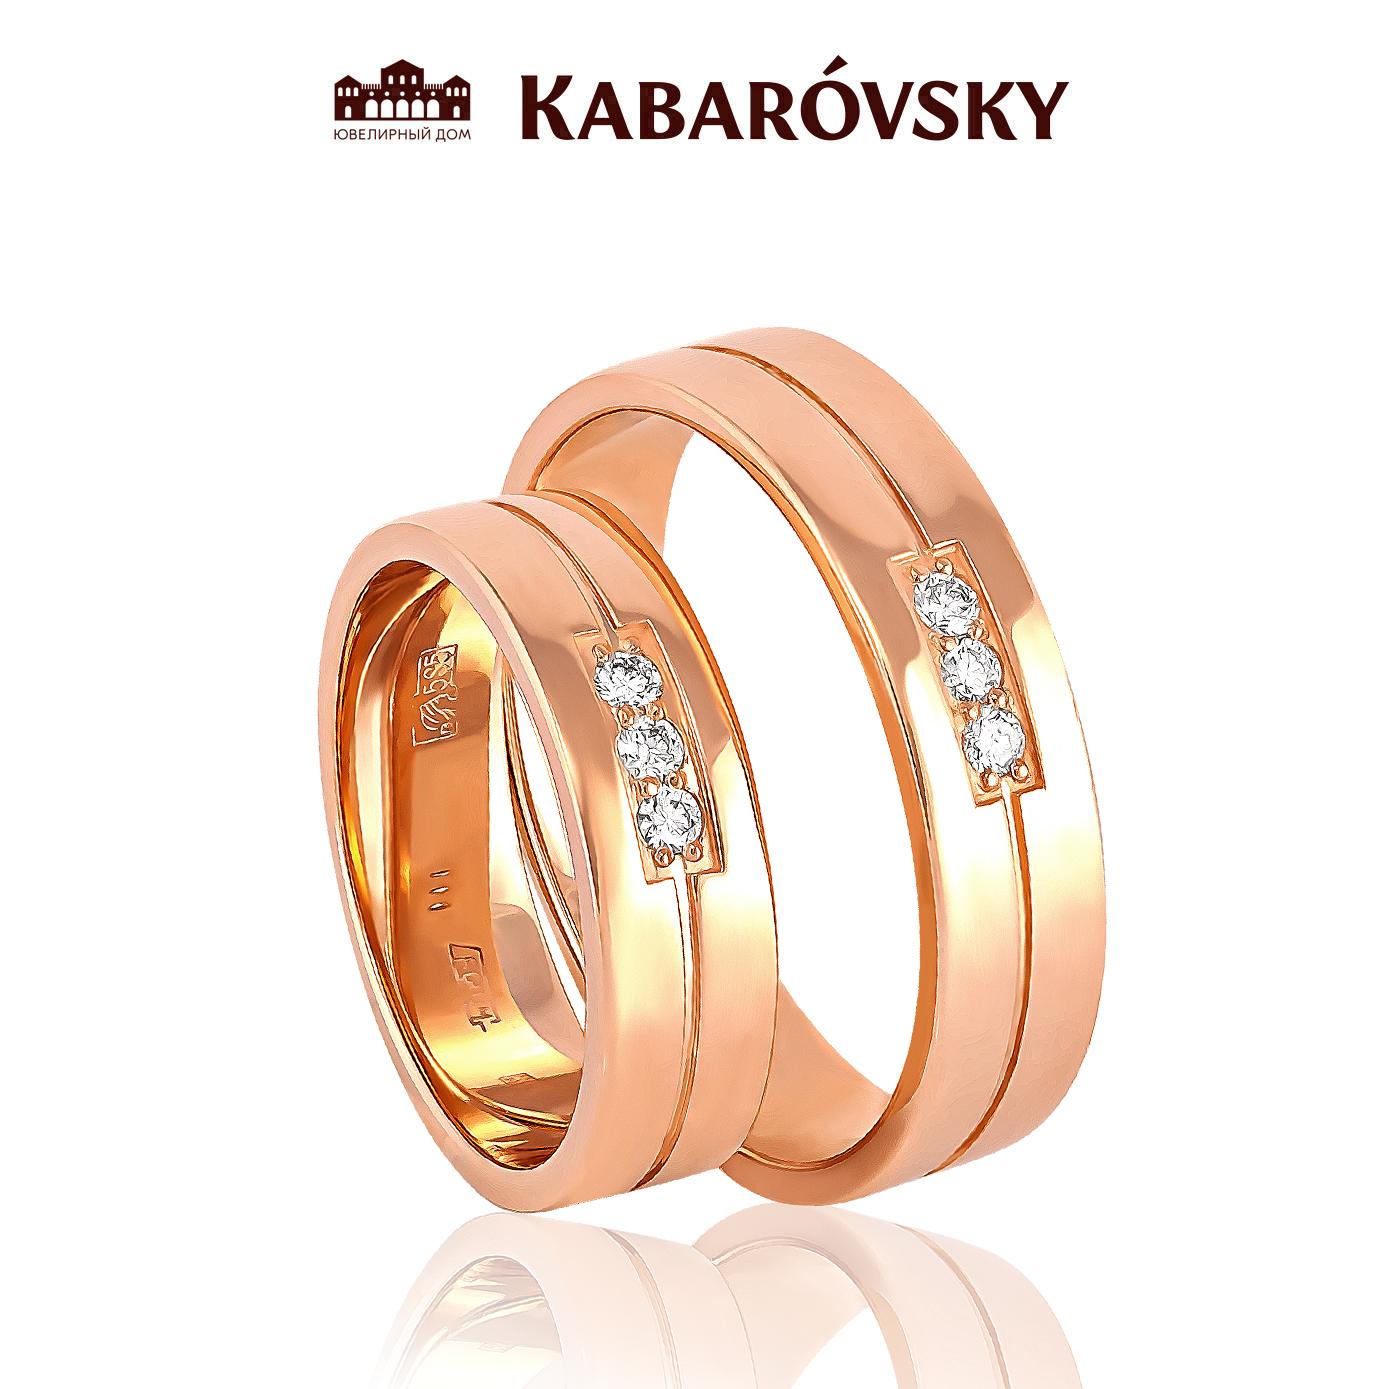 Обручальное кольцо из лимонного золота с бриллиантом арт. 21-2016 21-2016